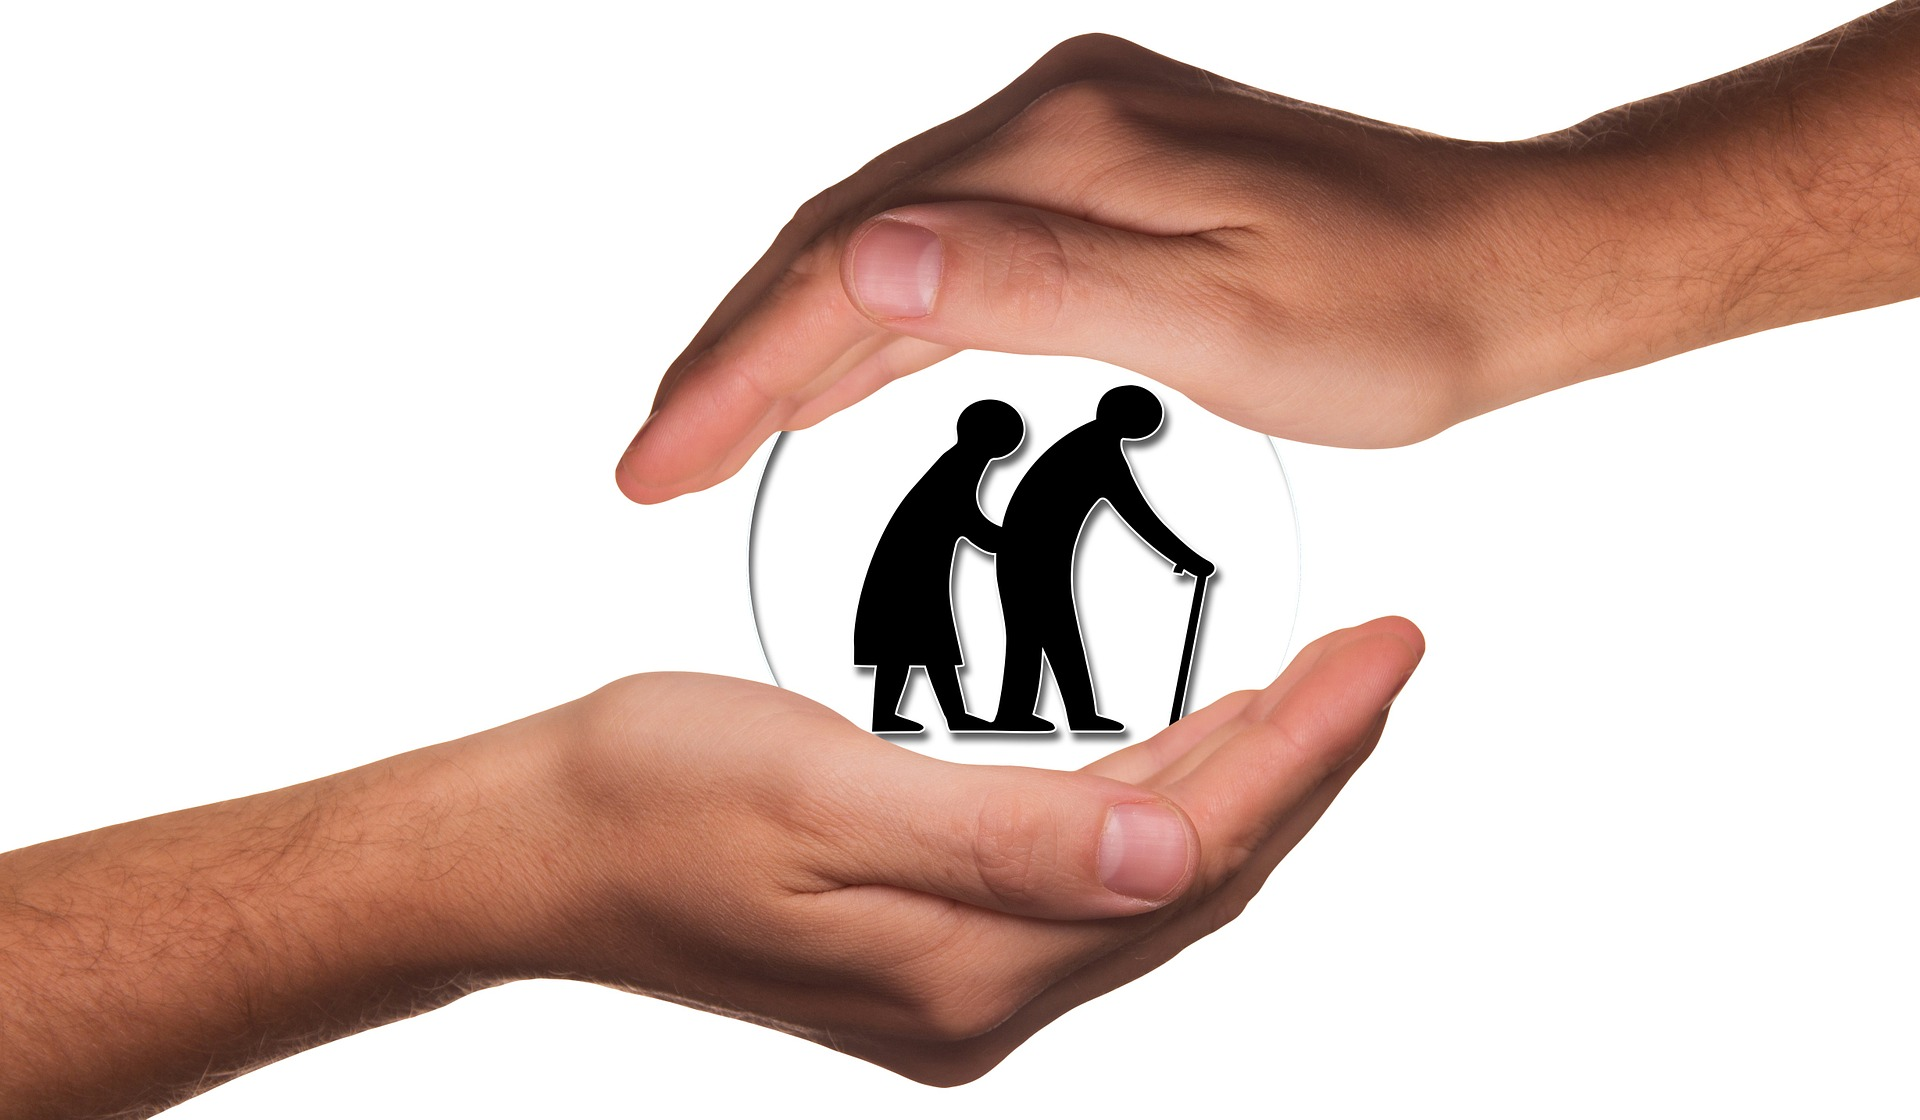 Qué día del mes debe la Seguridad Social ingresarme la pensión en el banco